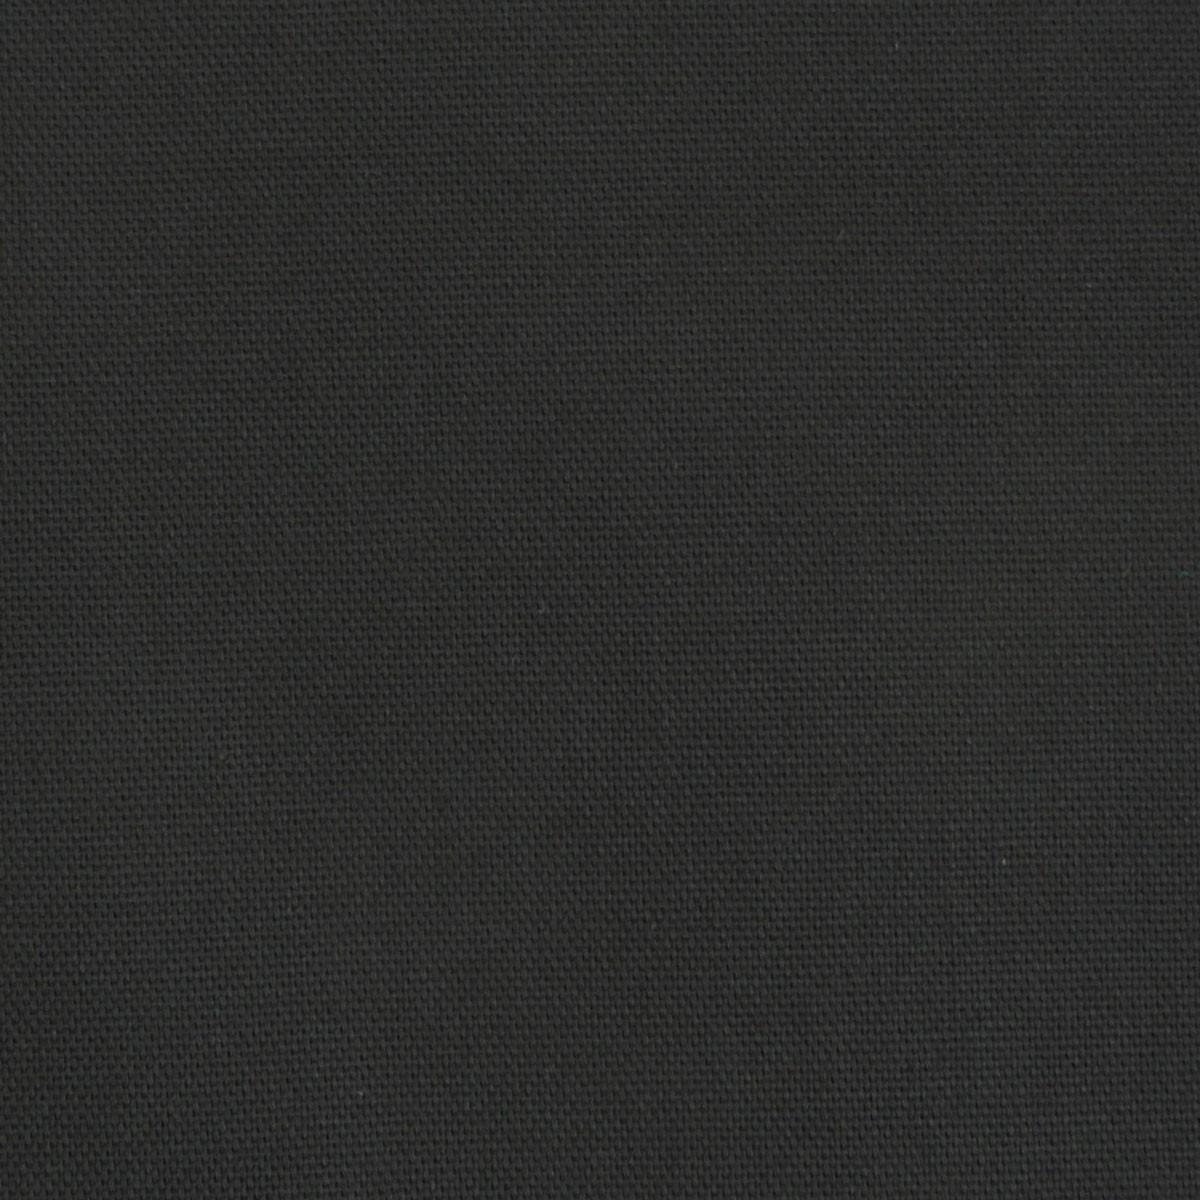 Kreativstoff Baumwollstoff Canvas einfarbig schwarz 1,4m Breite